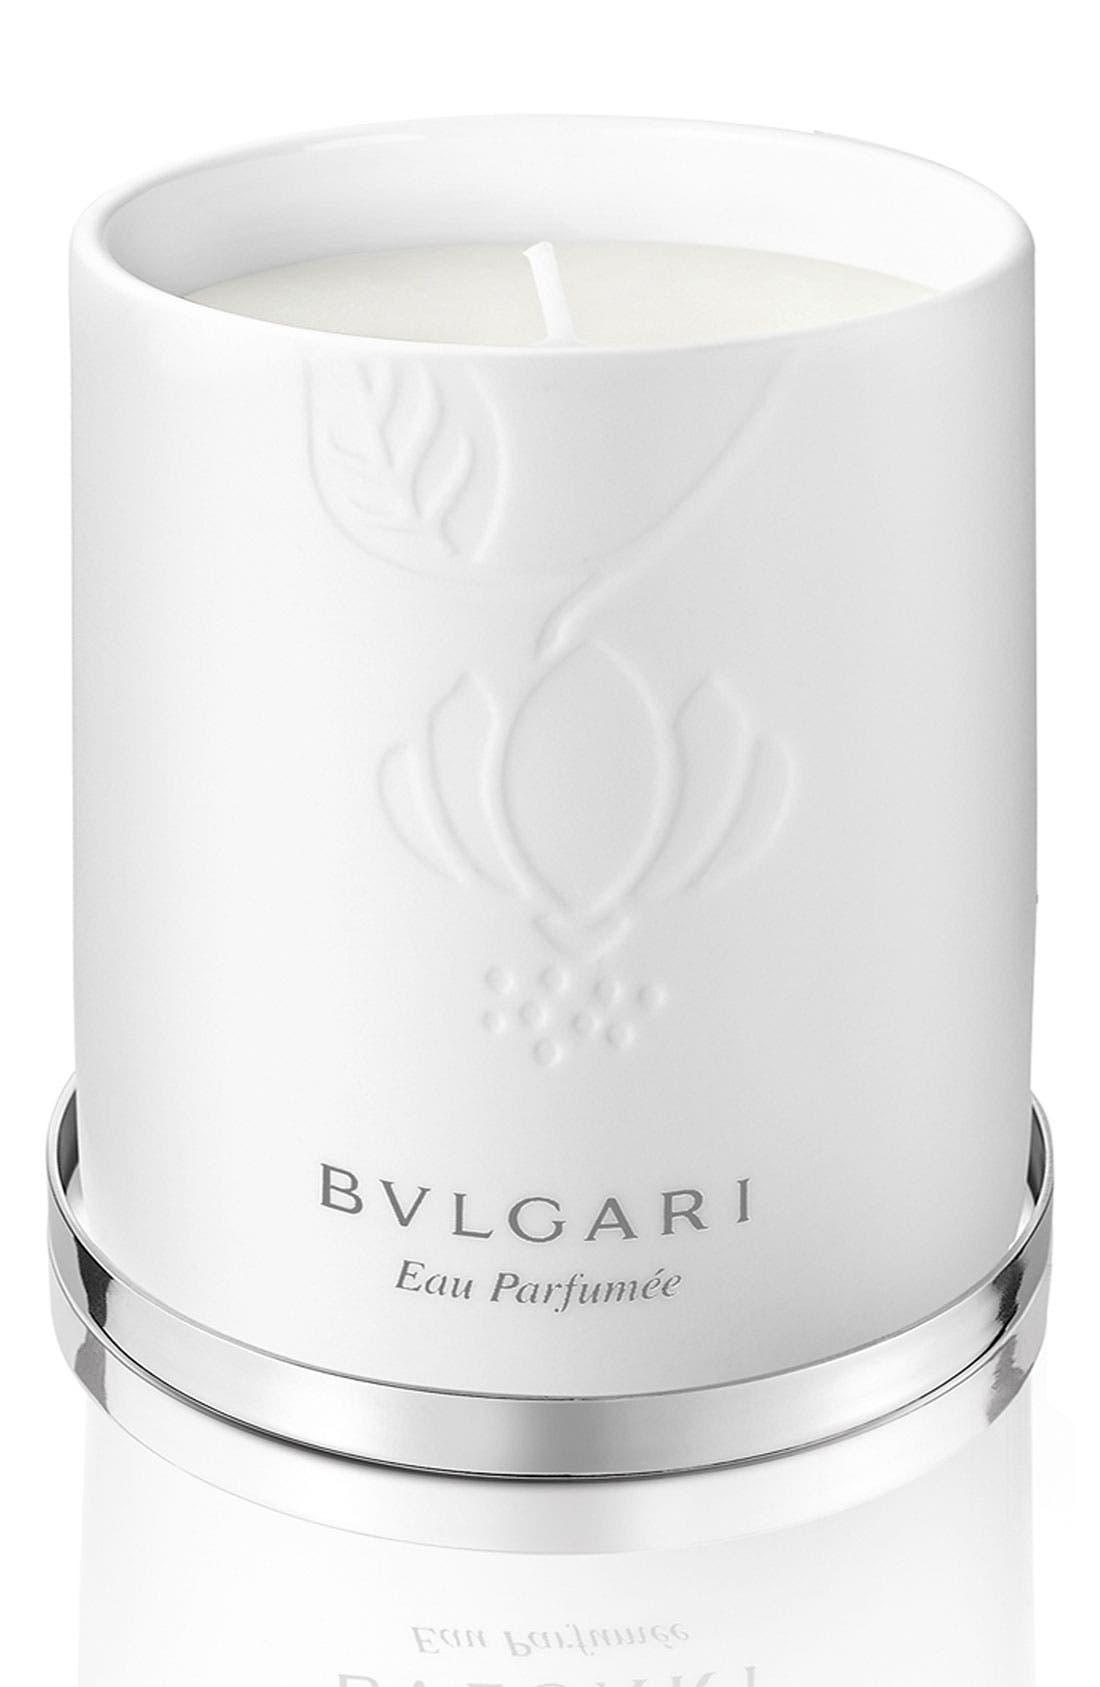 BVLGARI 'Eau Parfumée au thé blanc' Candle